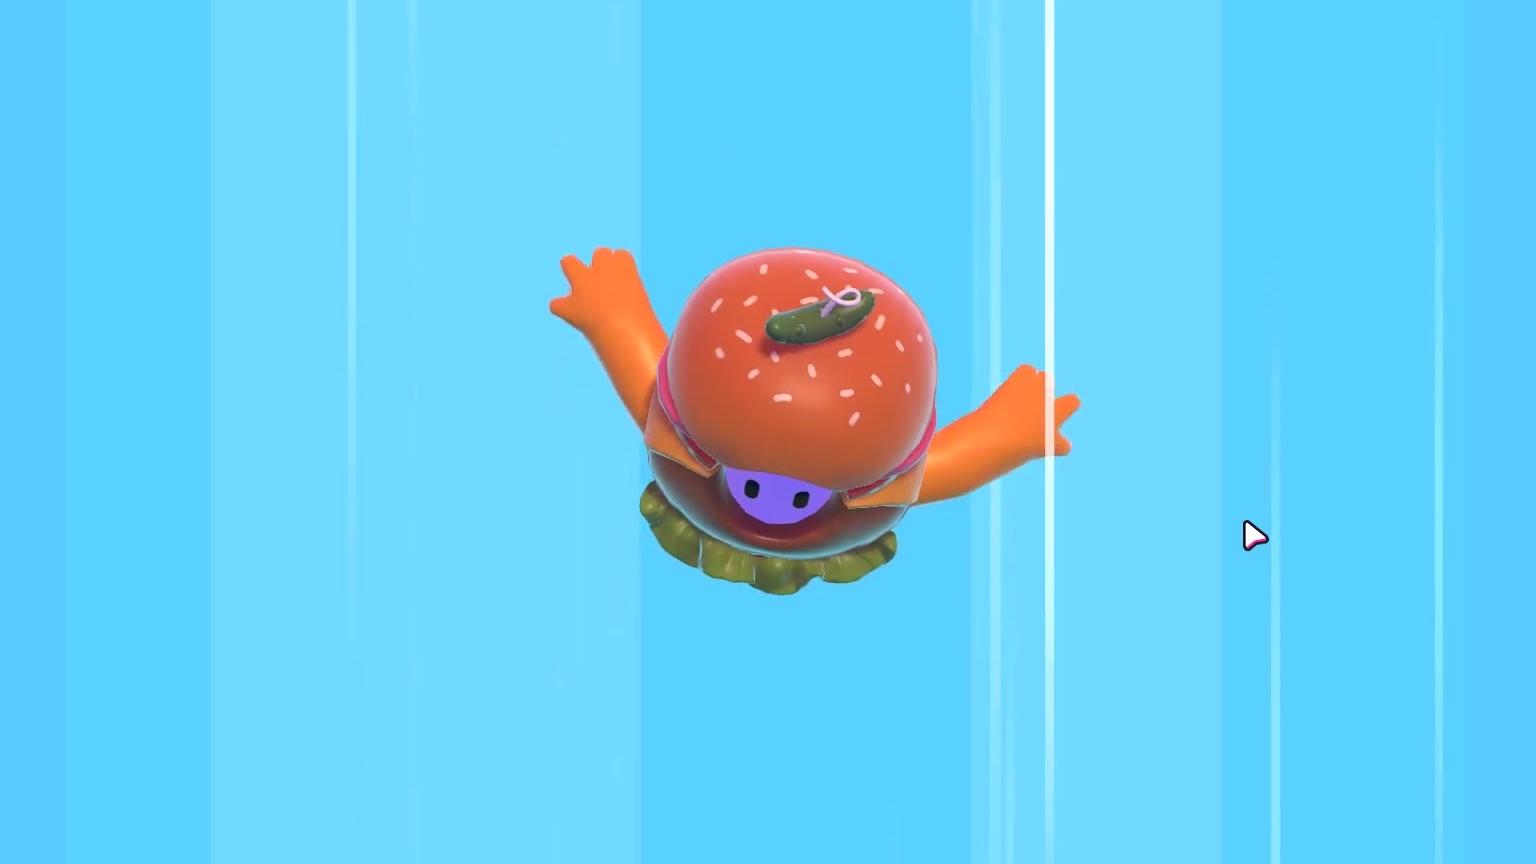 【糖果人】糖果人真好玩